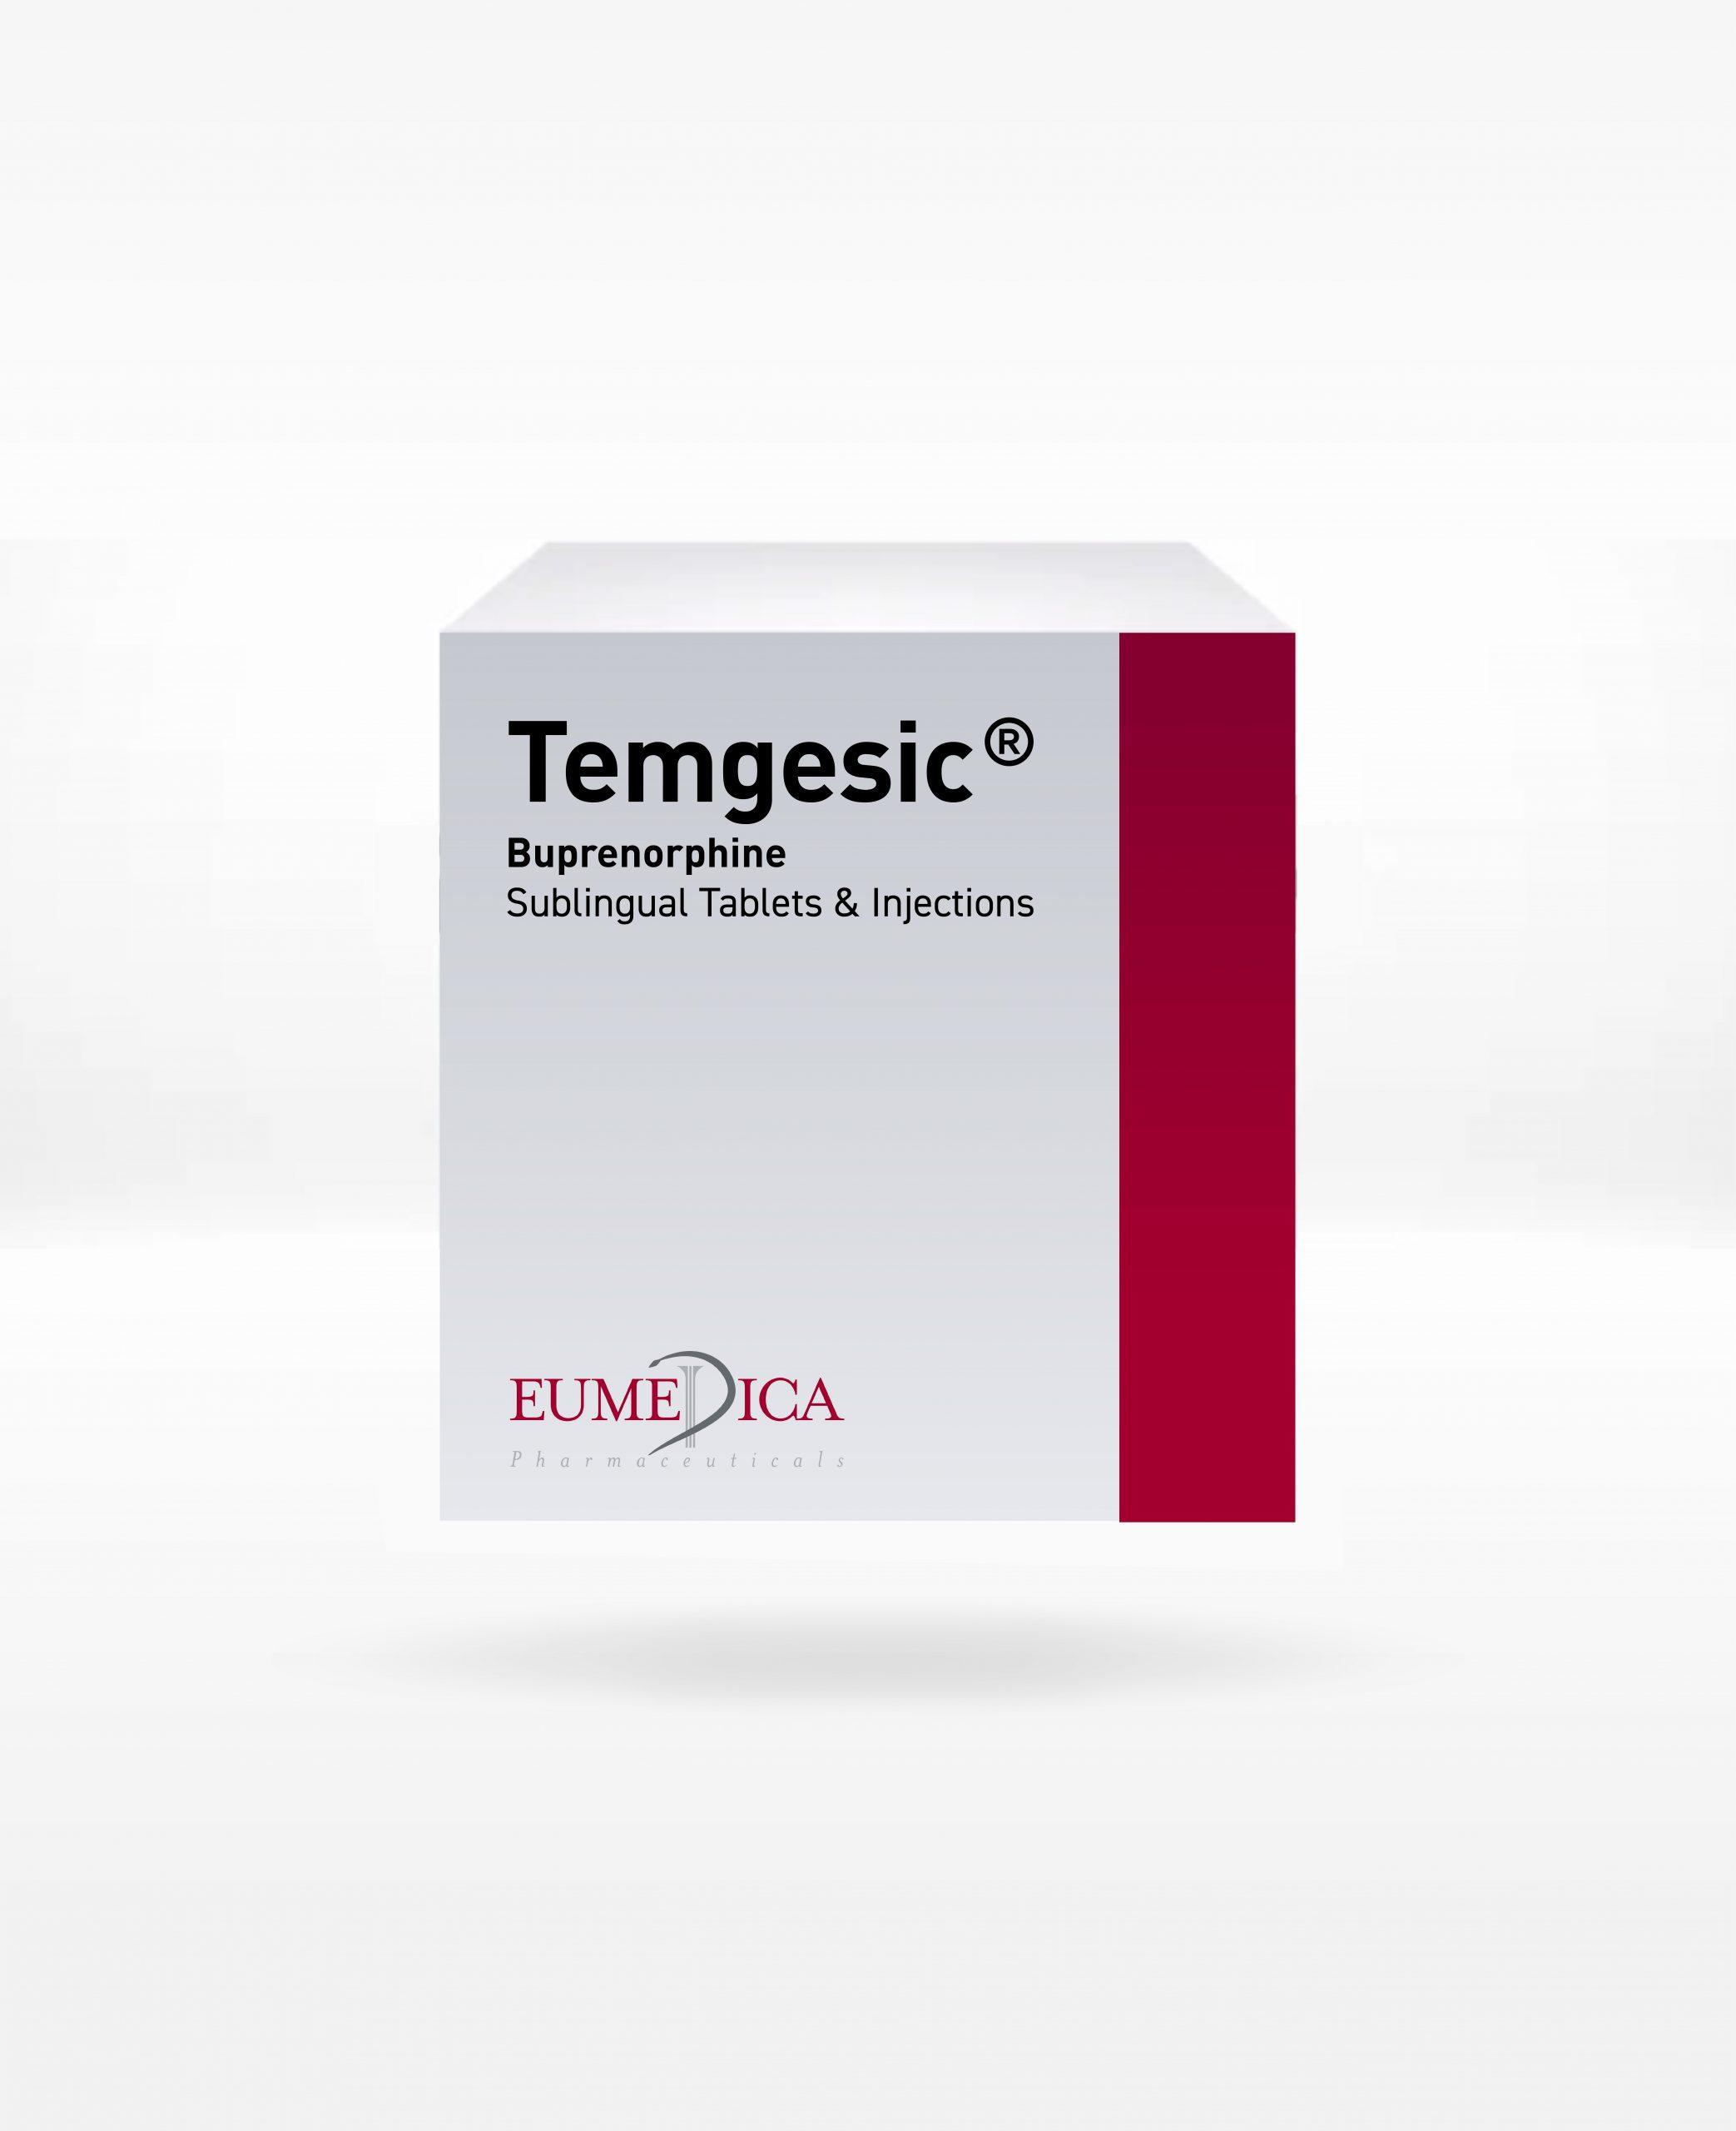 Temgesic Visual V3